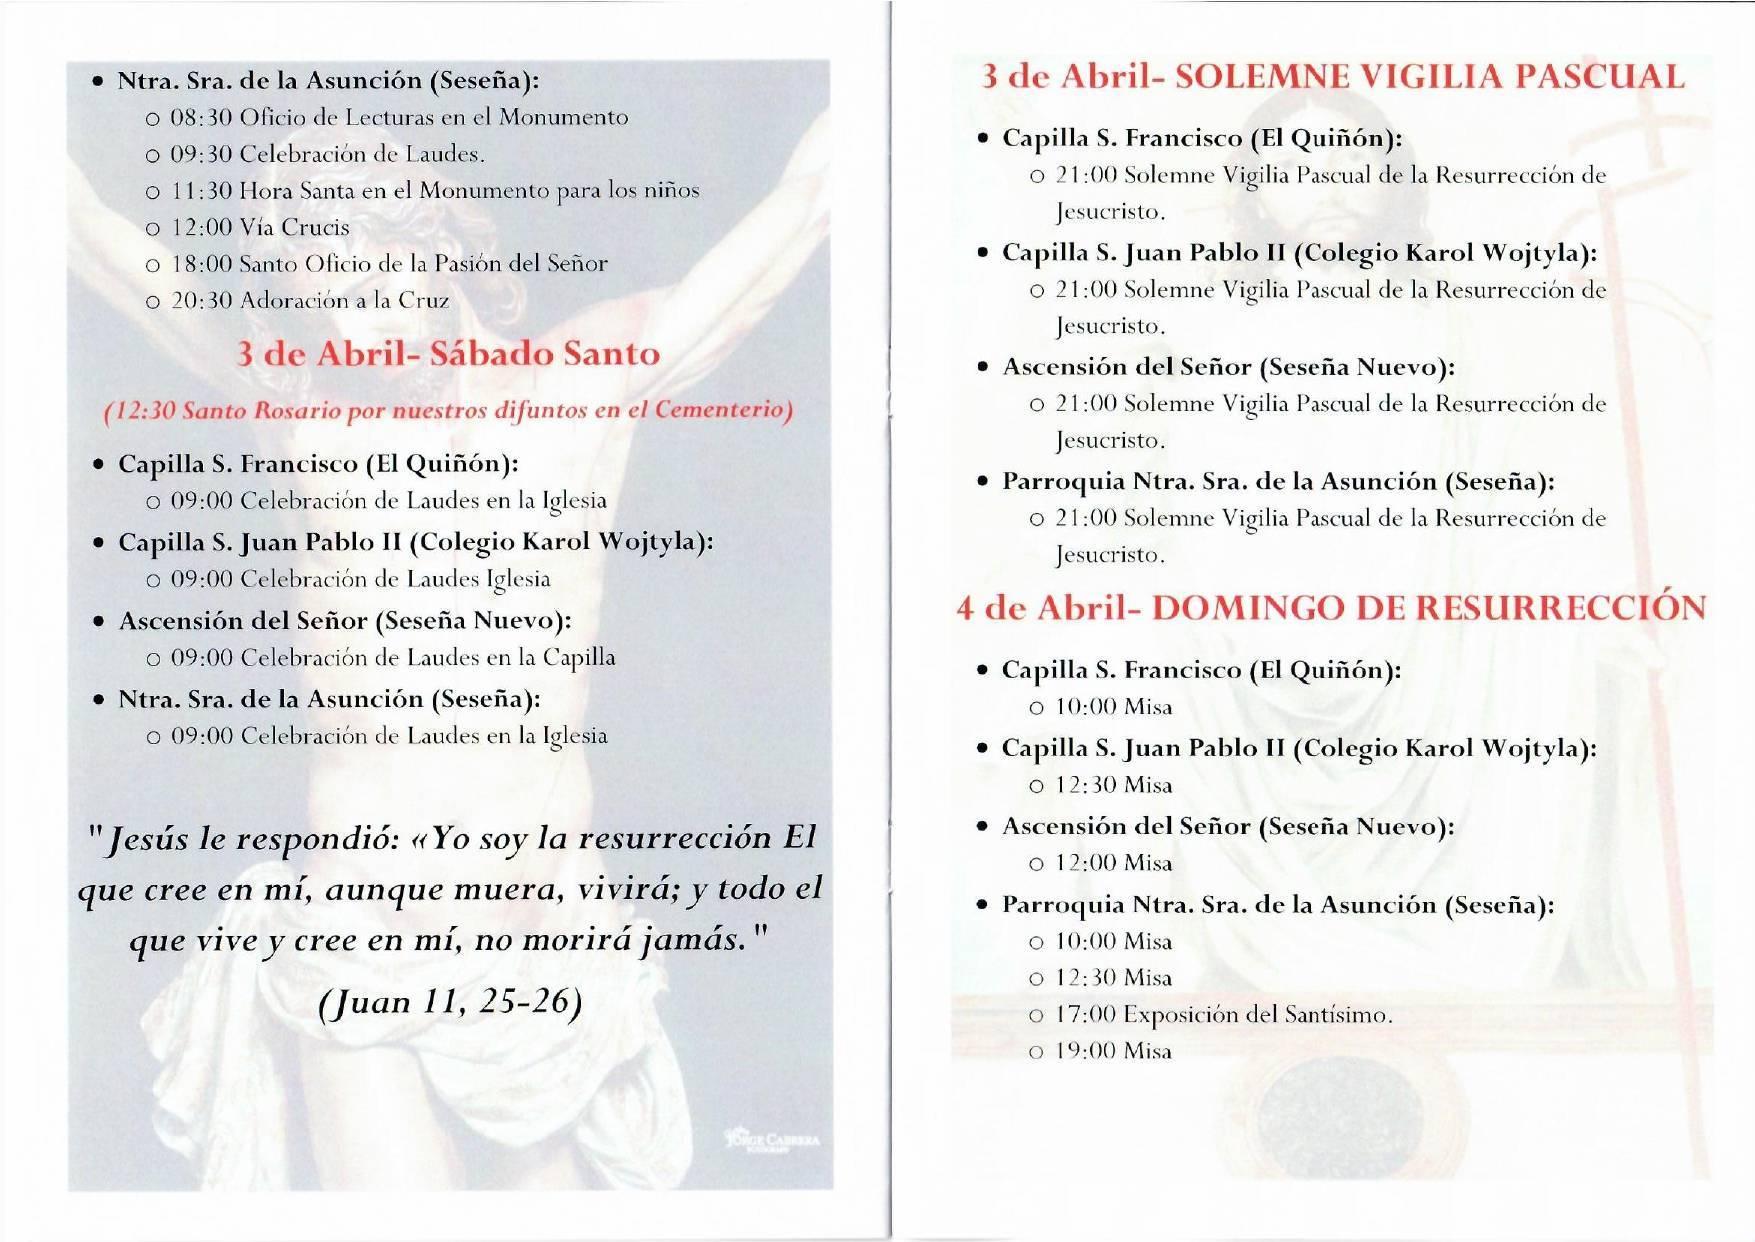 Programa de Semana Santa (2021) - Seseña (Toledo) 3